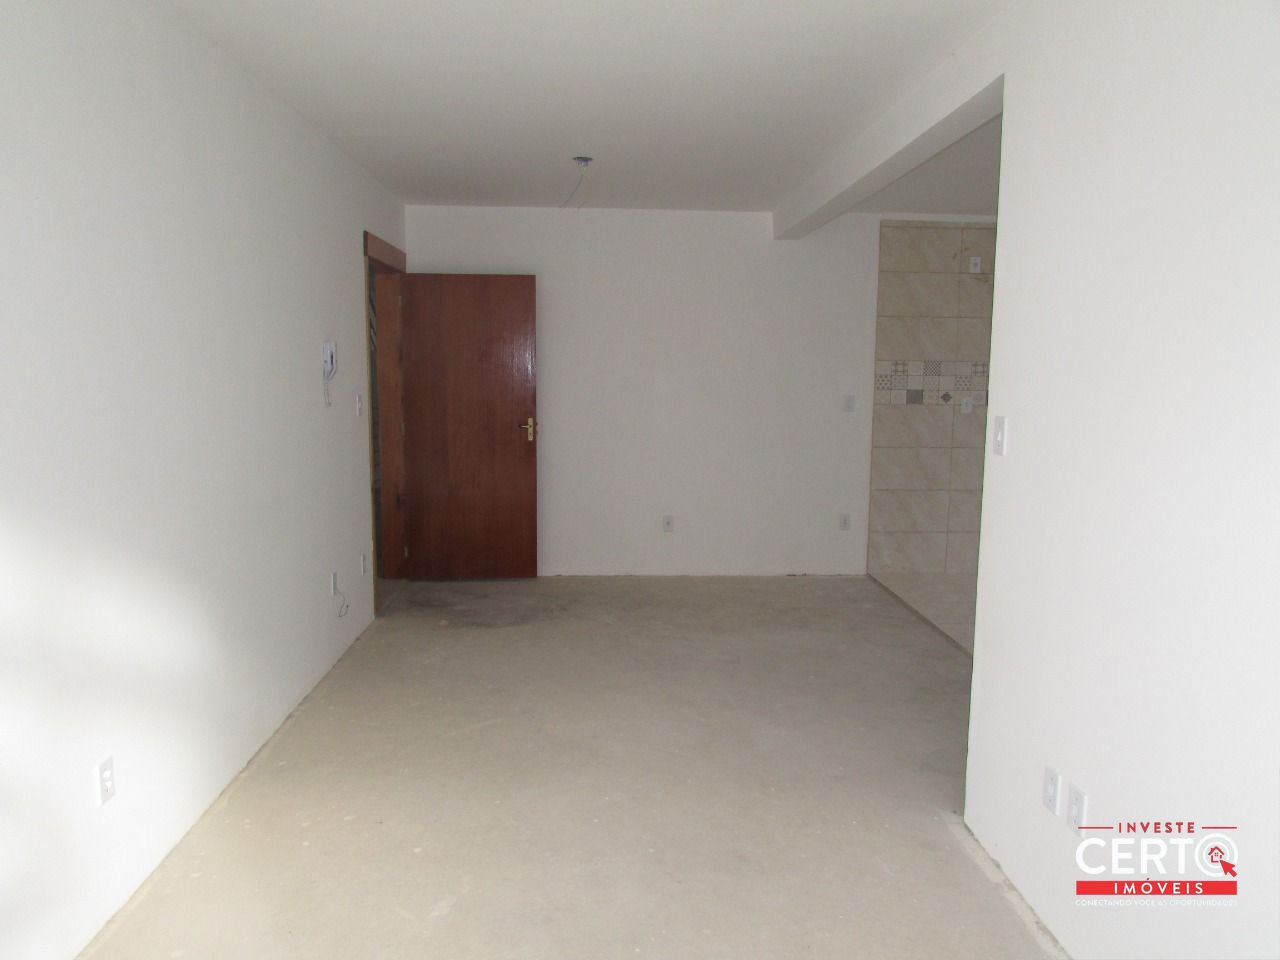 Apartamento 3 dormitórios em Gravataí, no bairro Morada Do Vale Ii